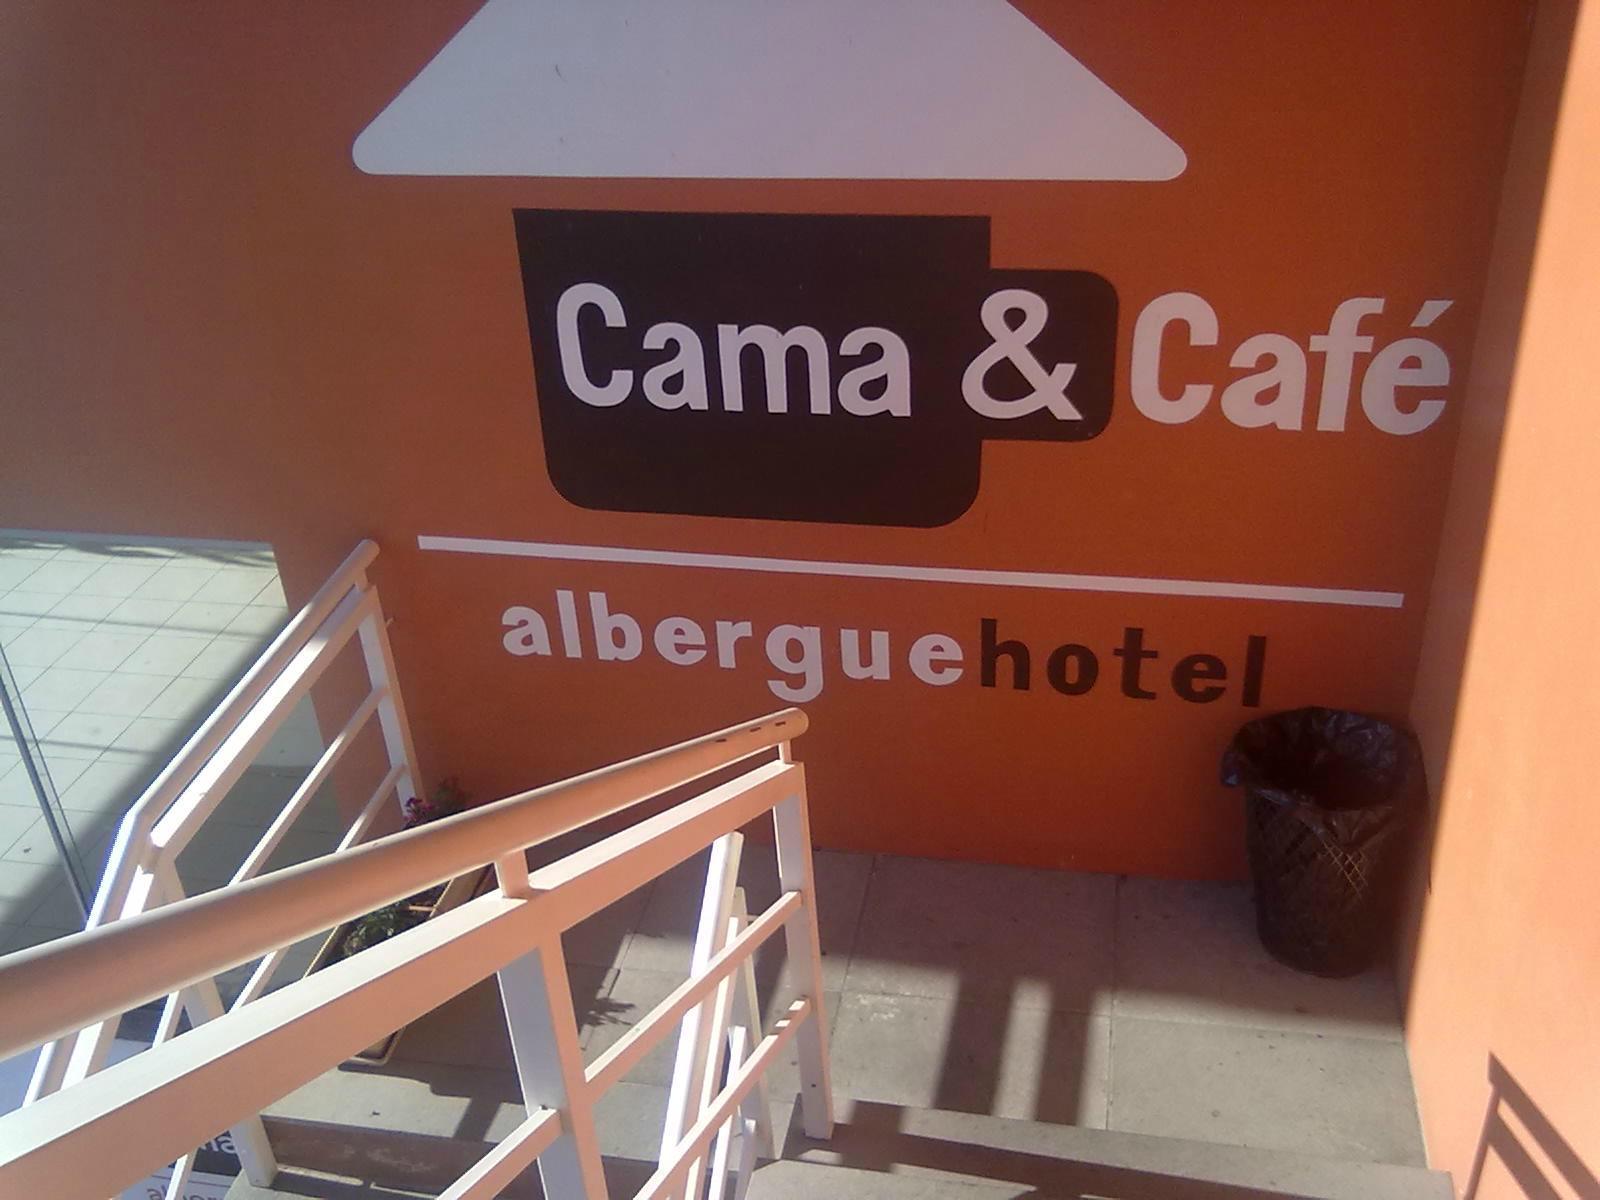 Cama & Cafe